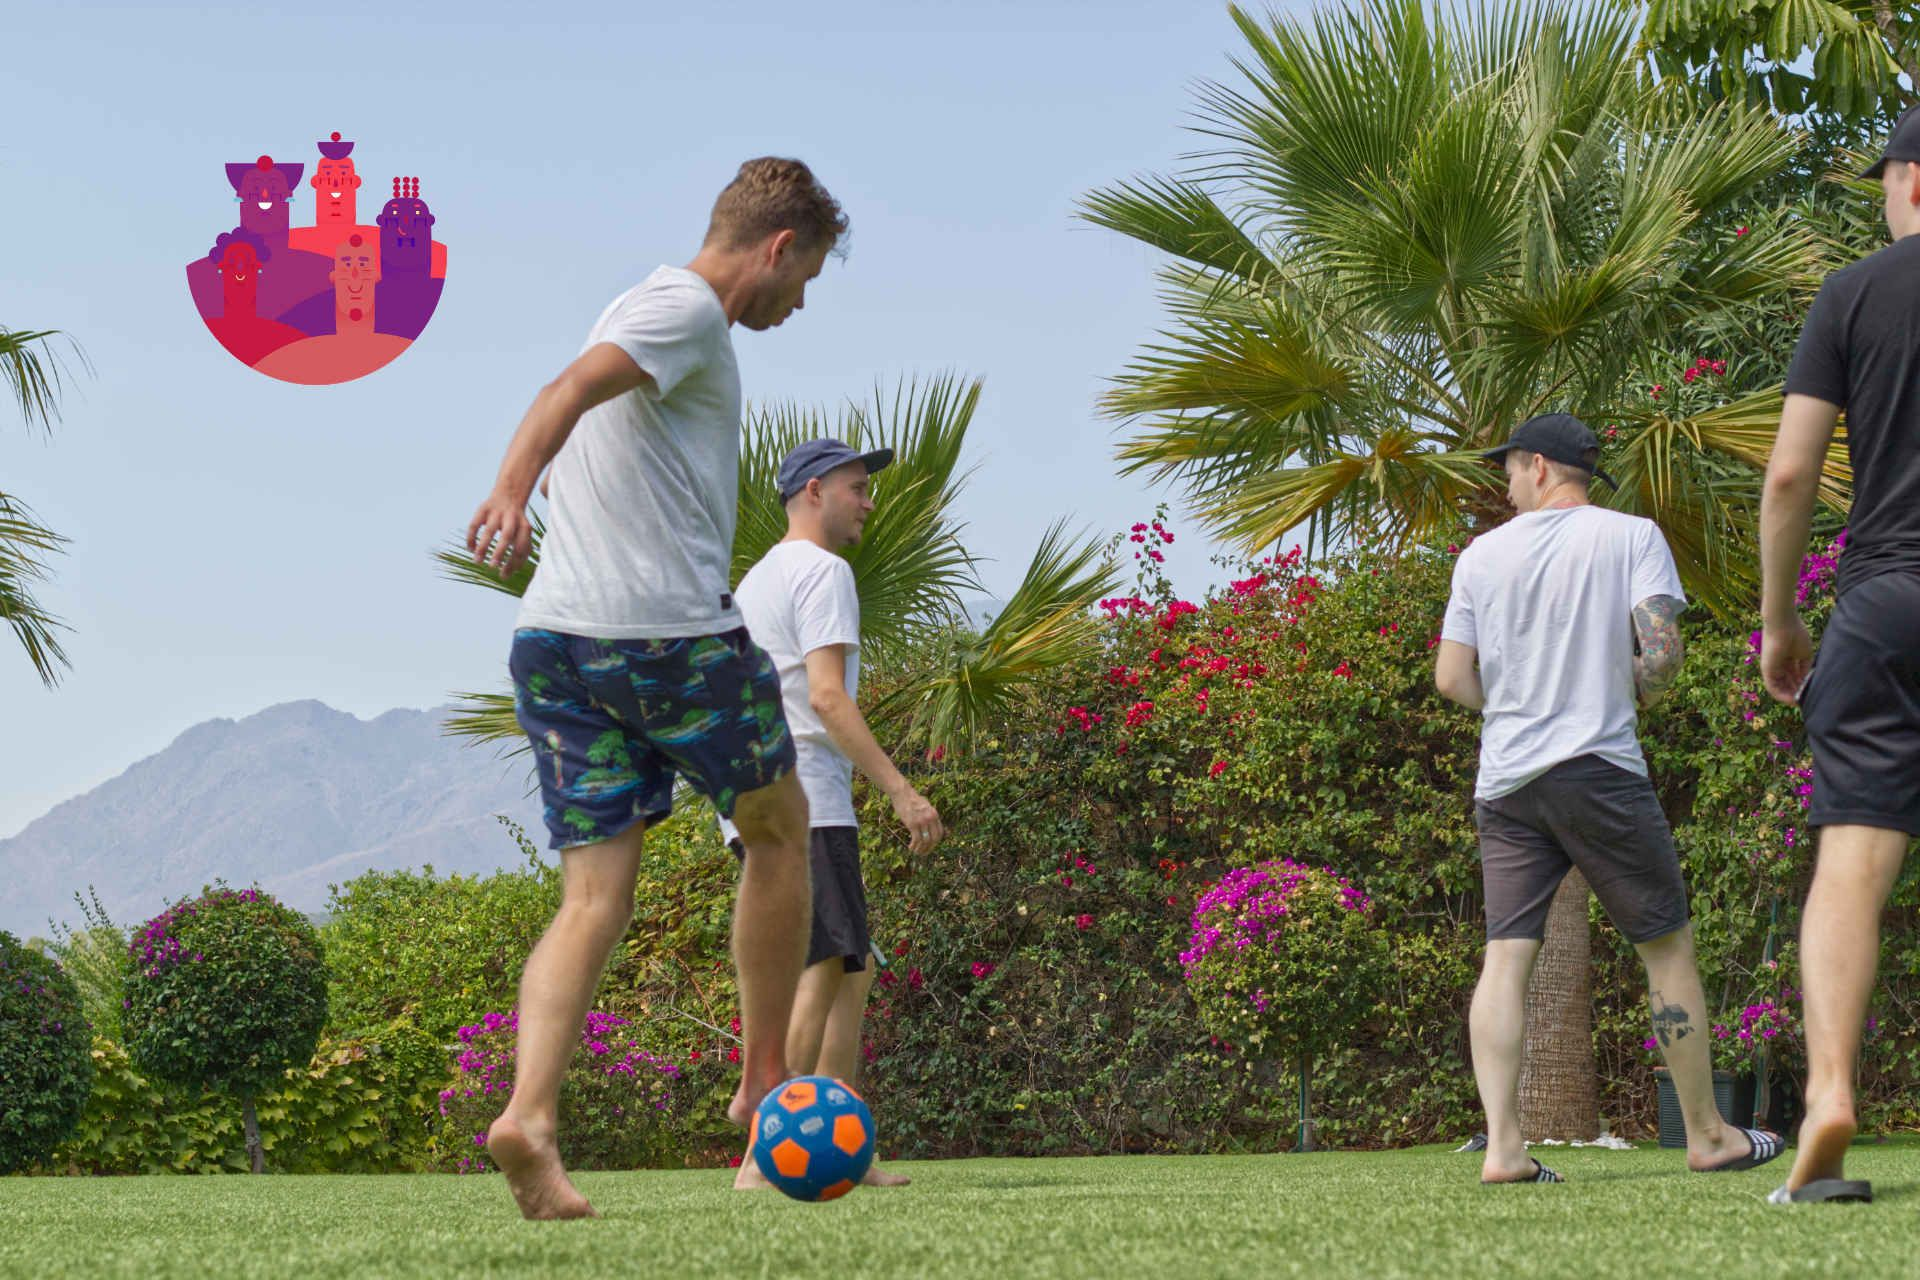 Geniemin pojat pelaa palloa